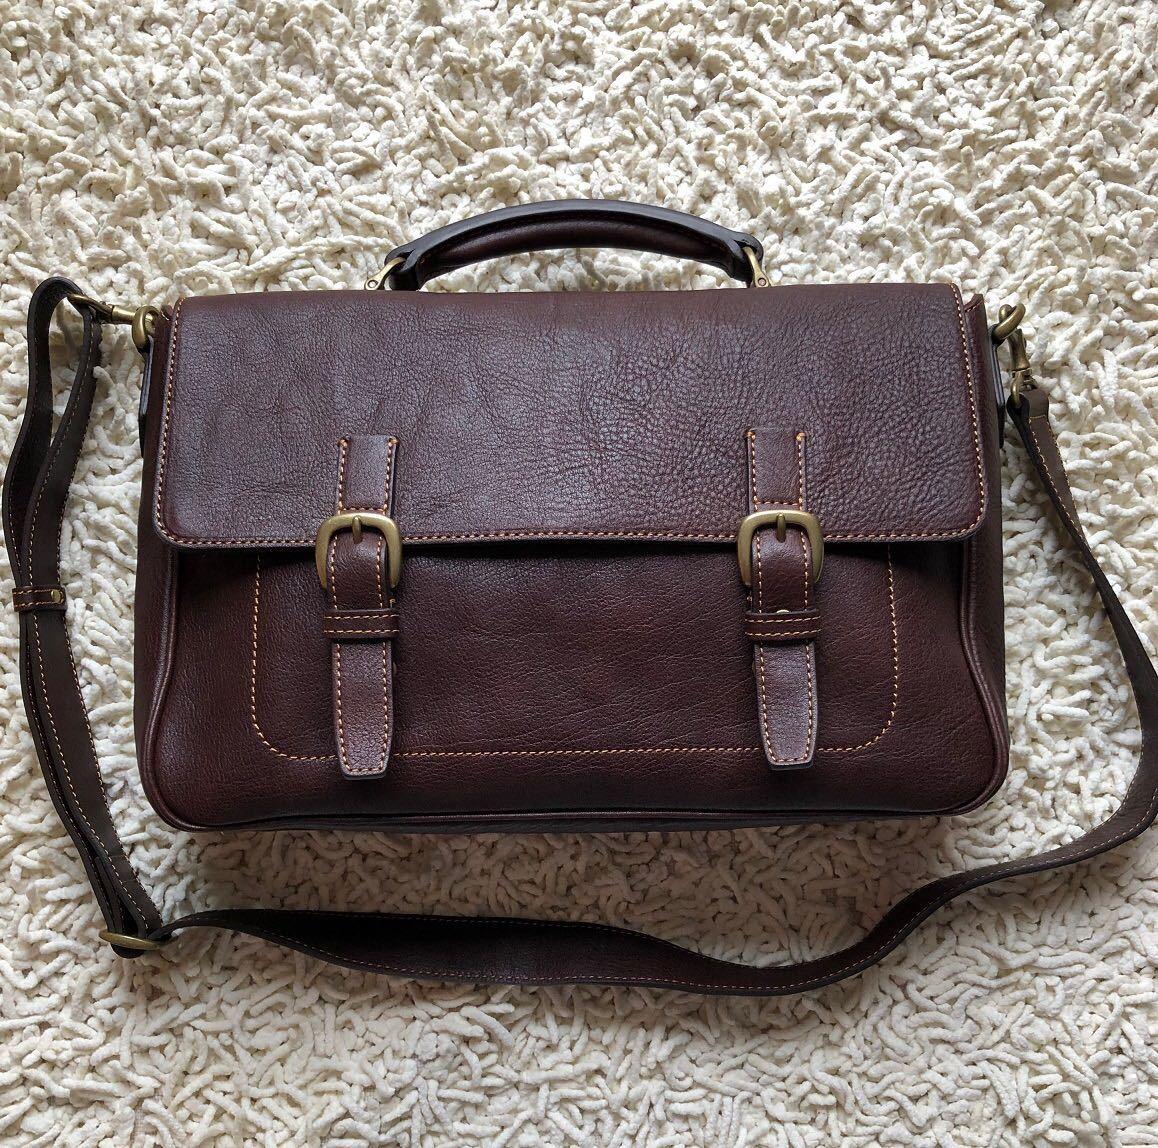 土屋鞄 レトロクラッシック カレッジバッグ